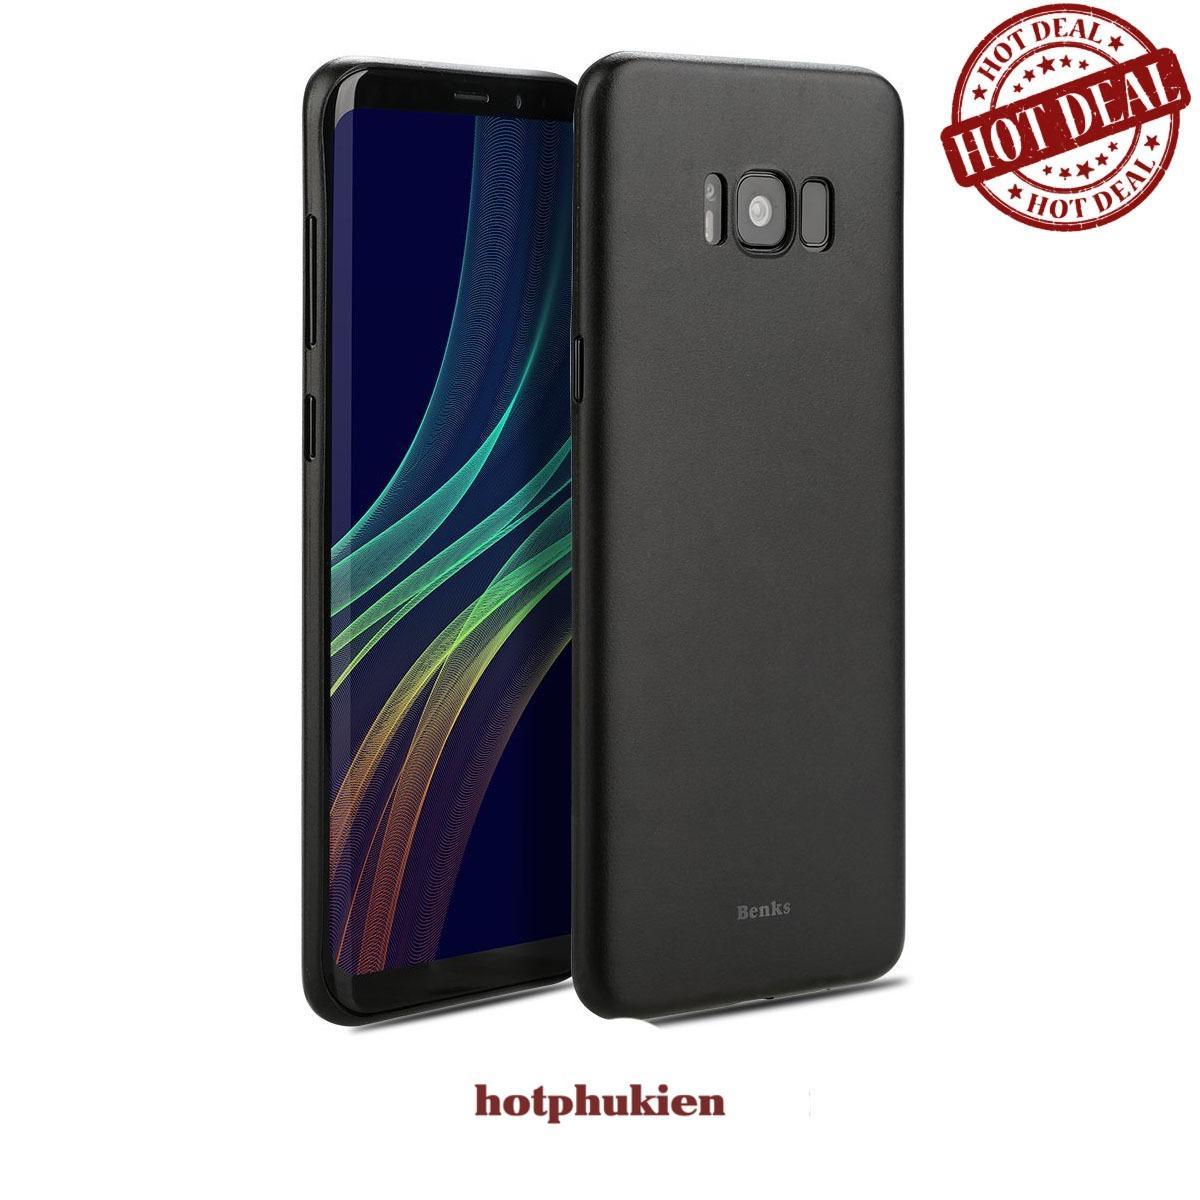 Ốp lưng siêu mỏng 0.4 mm cao cấp cho Samsung Galaxy S8 hiệu Benks Lollipop – phân phối bởi hotphukien.com